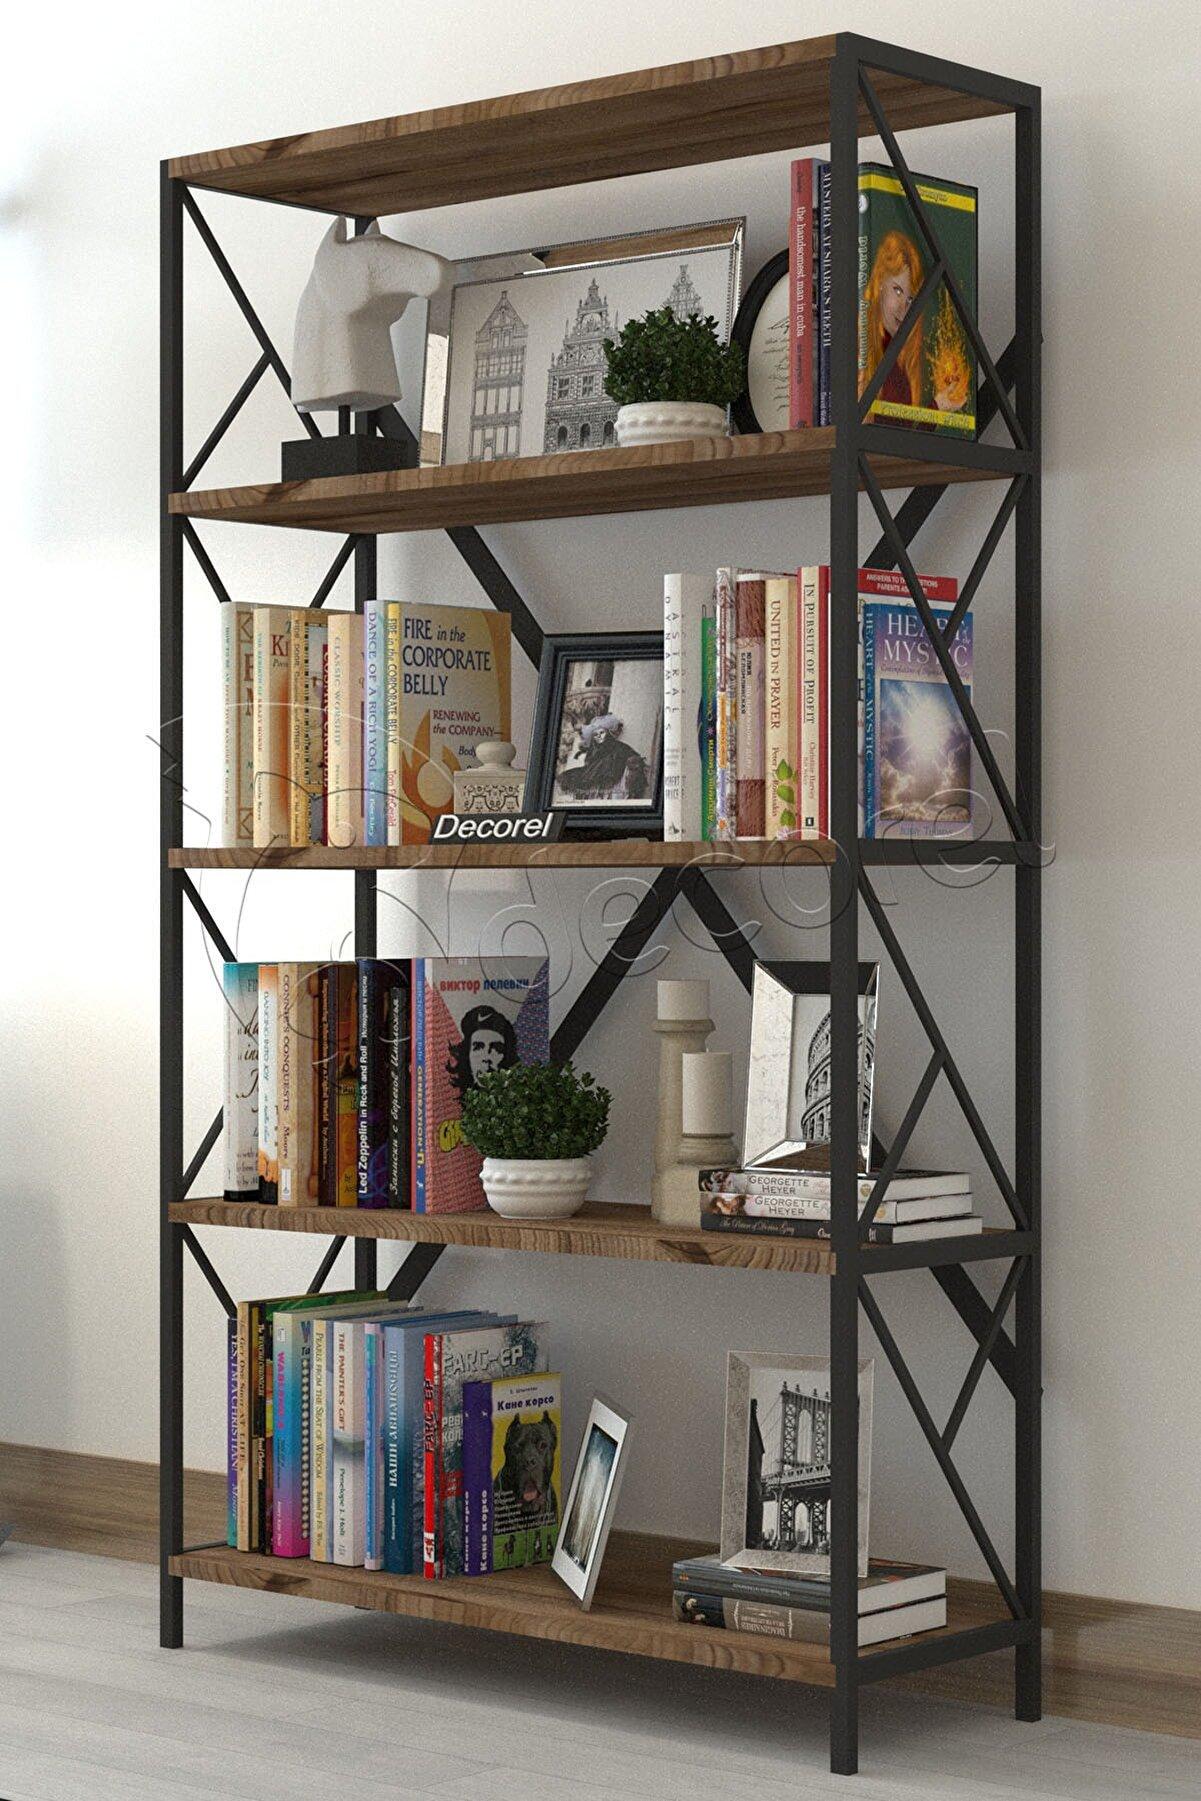 Morpanya Dekoratif 5 Raflı Kitaplık Geniş Metal Kitaplık Dosya Kitap Rafı Ofis Salon Raf 90x180cm Siyah Ceviz